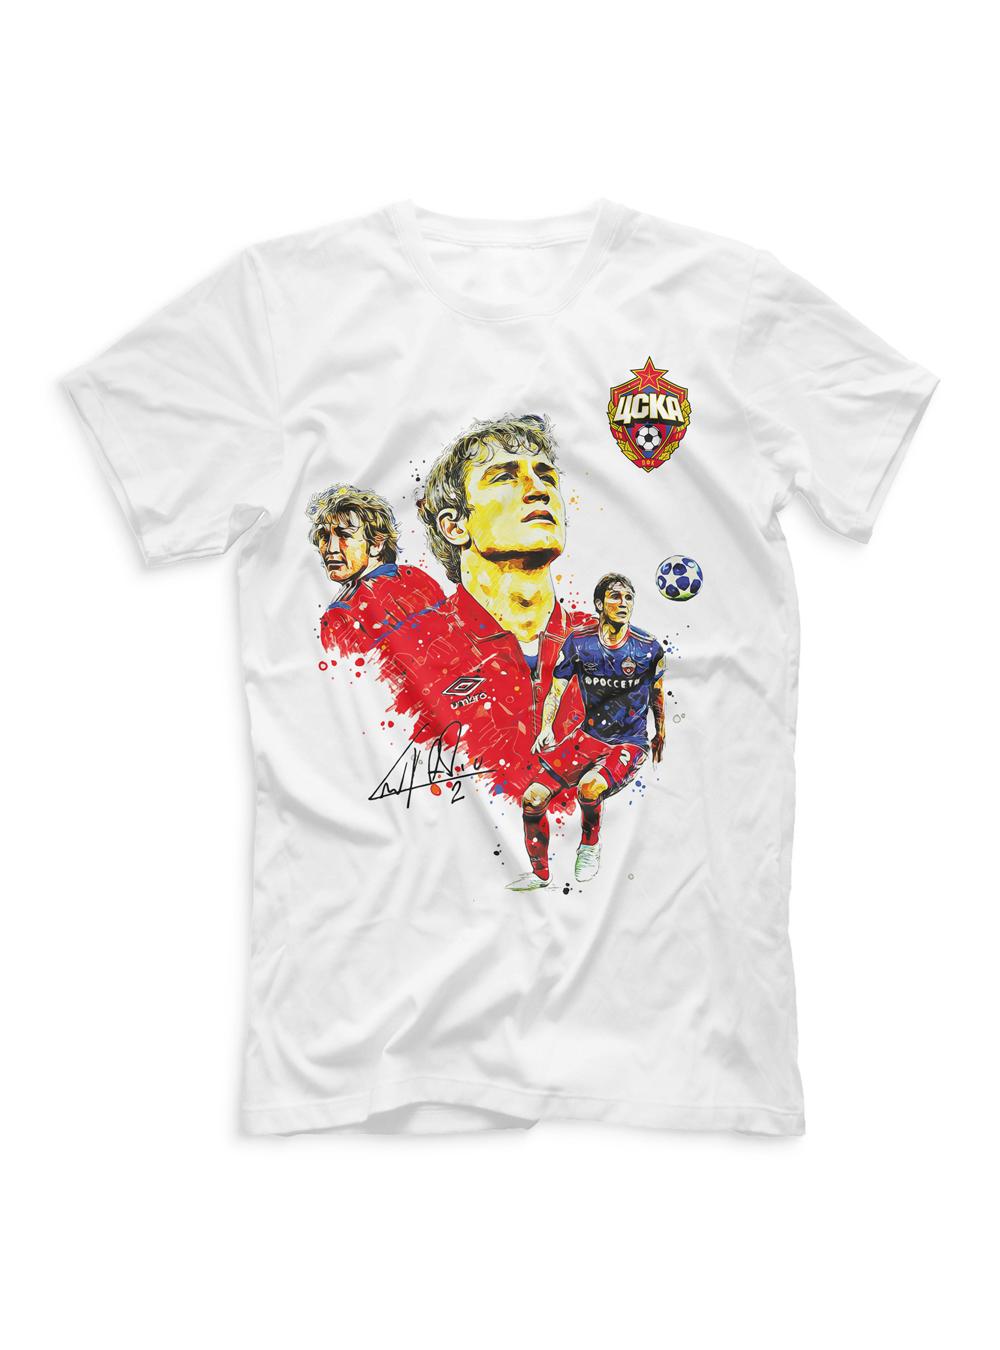 Купить Футболка мужская Марио акварель (XXL) по Нижнему Новгороду